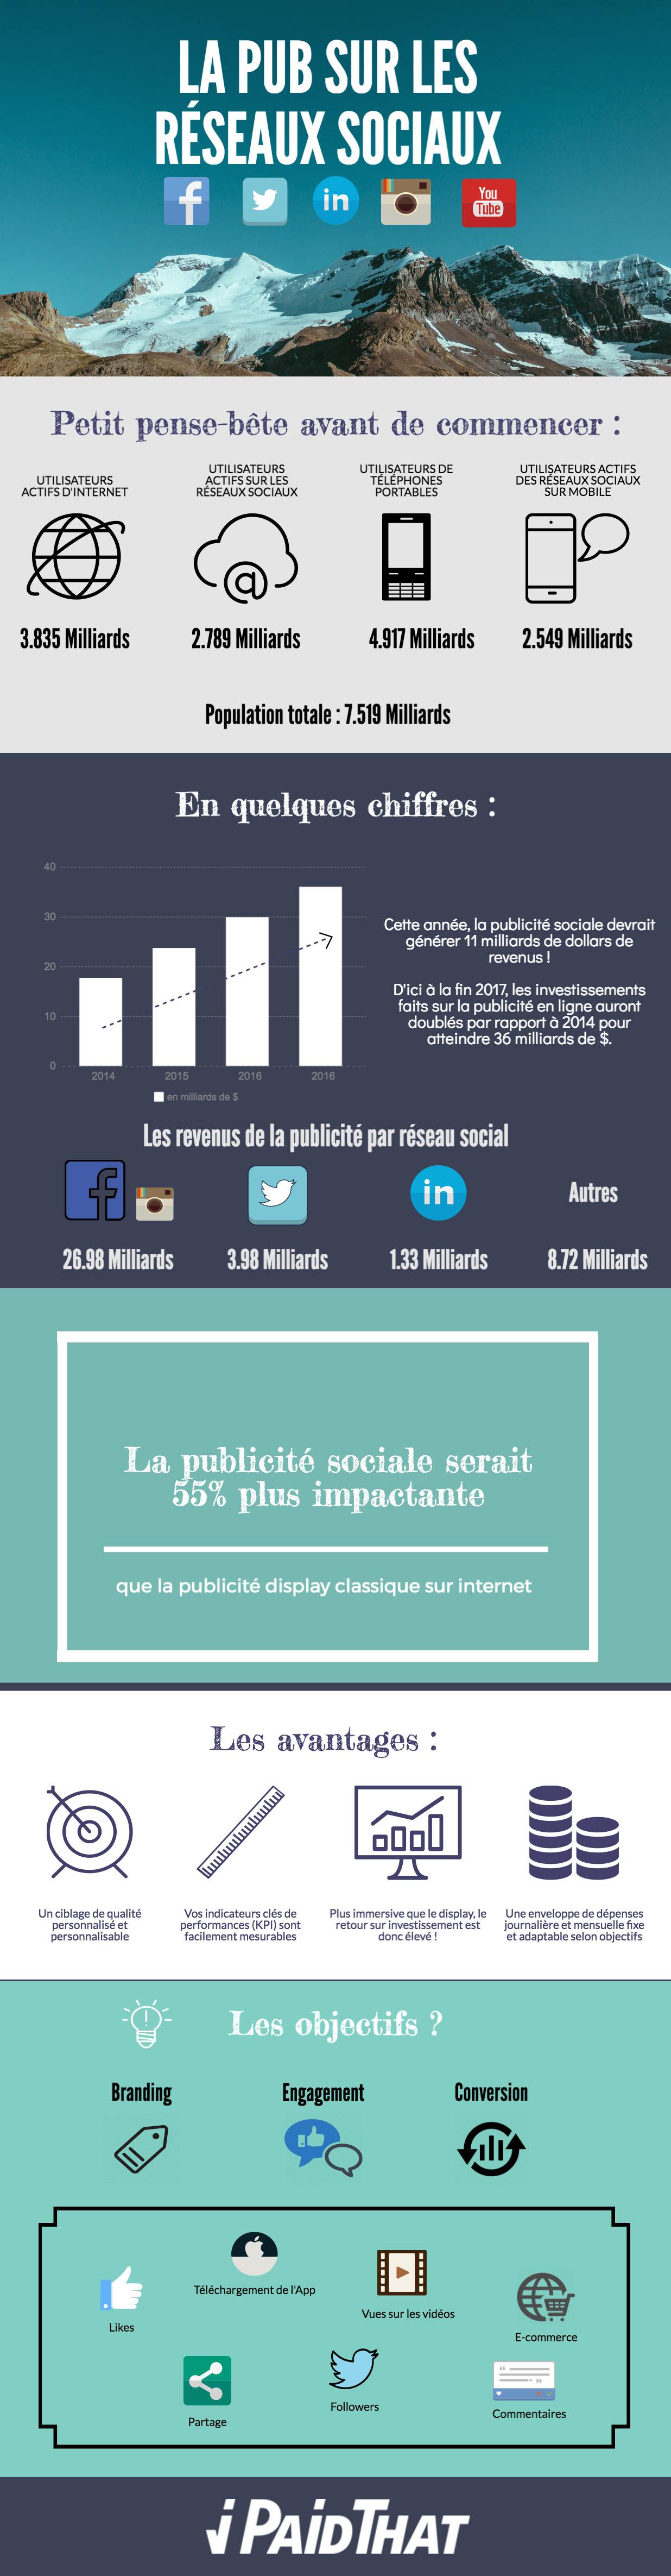 Infographie sur la publicités sur les réseaux sociaux